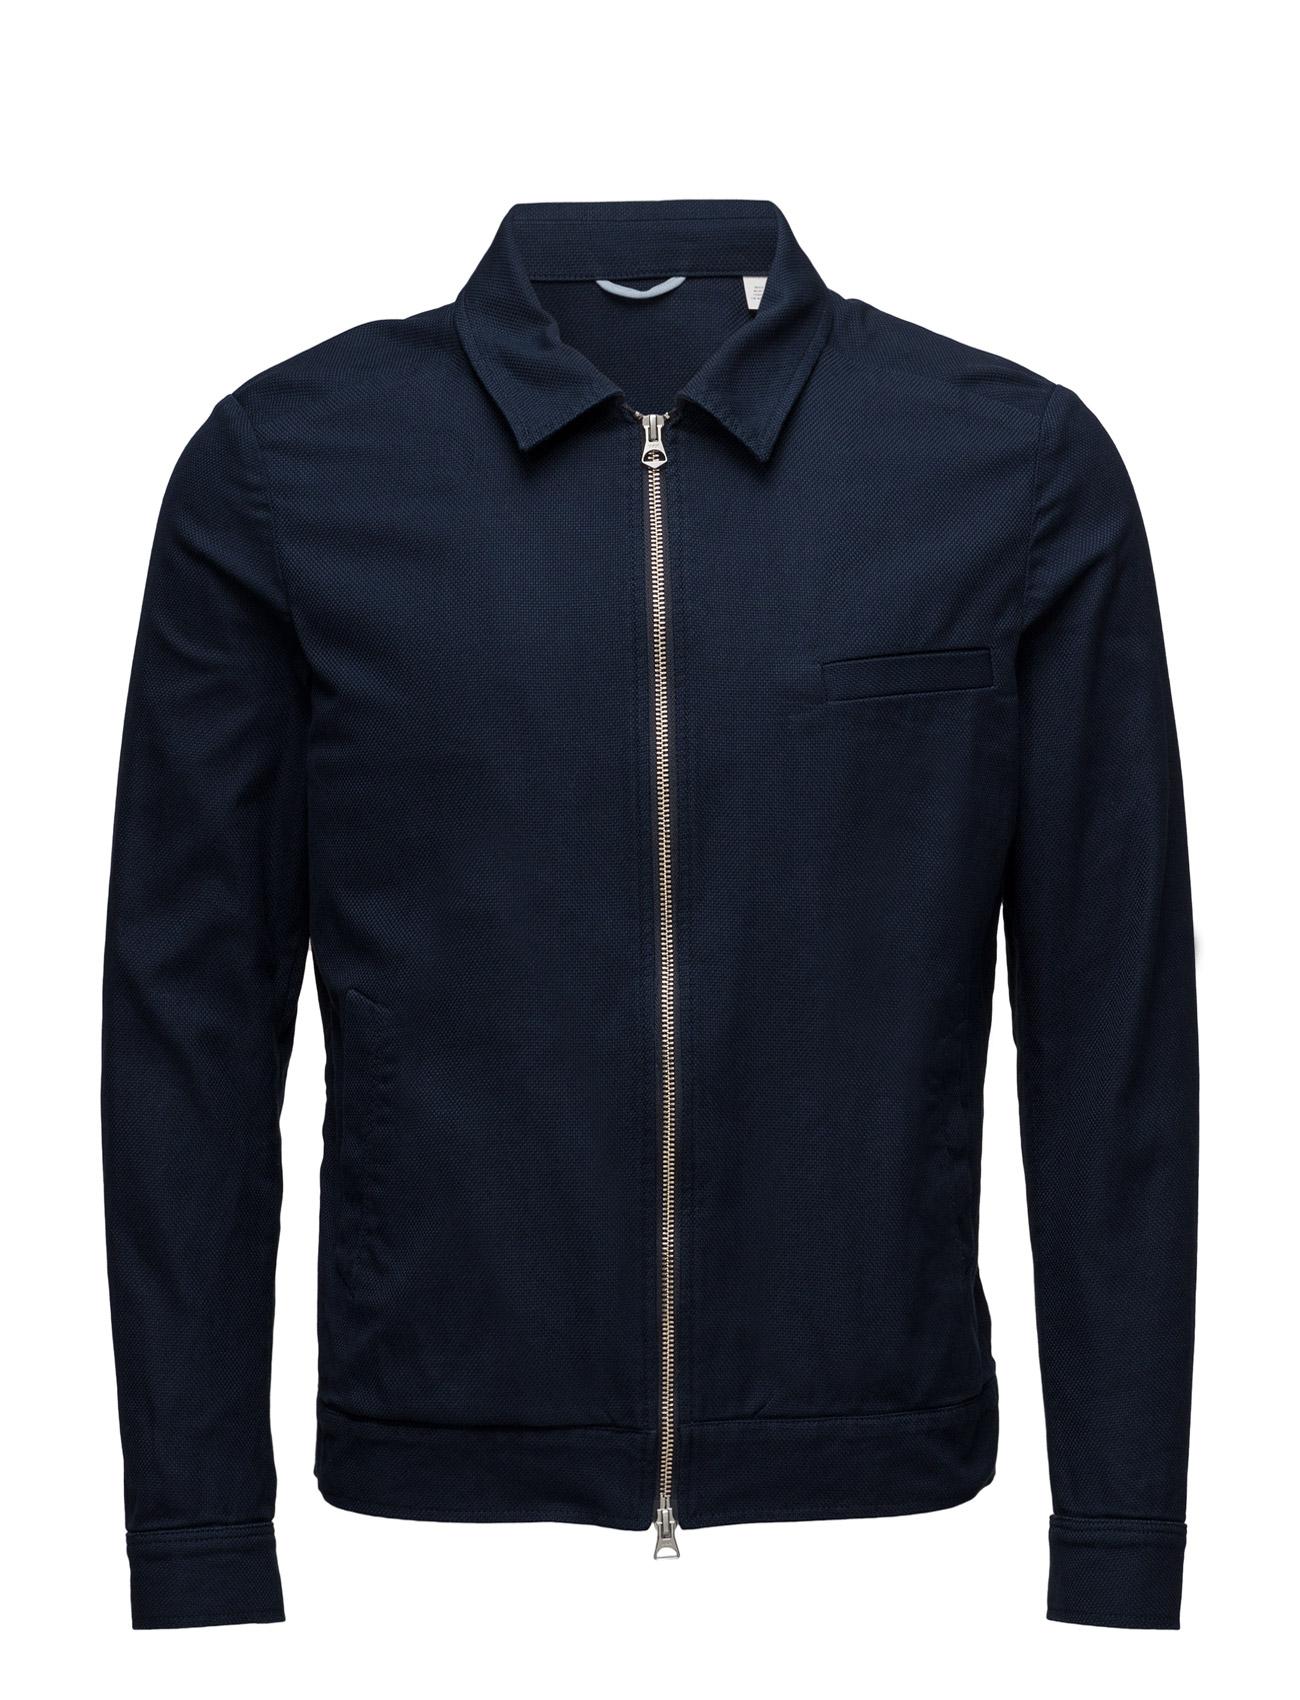 R. The Textured Shirt Jacket GANT Rugger Striktøj til Herrer i Aften Blå